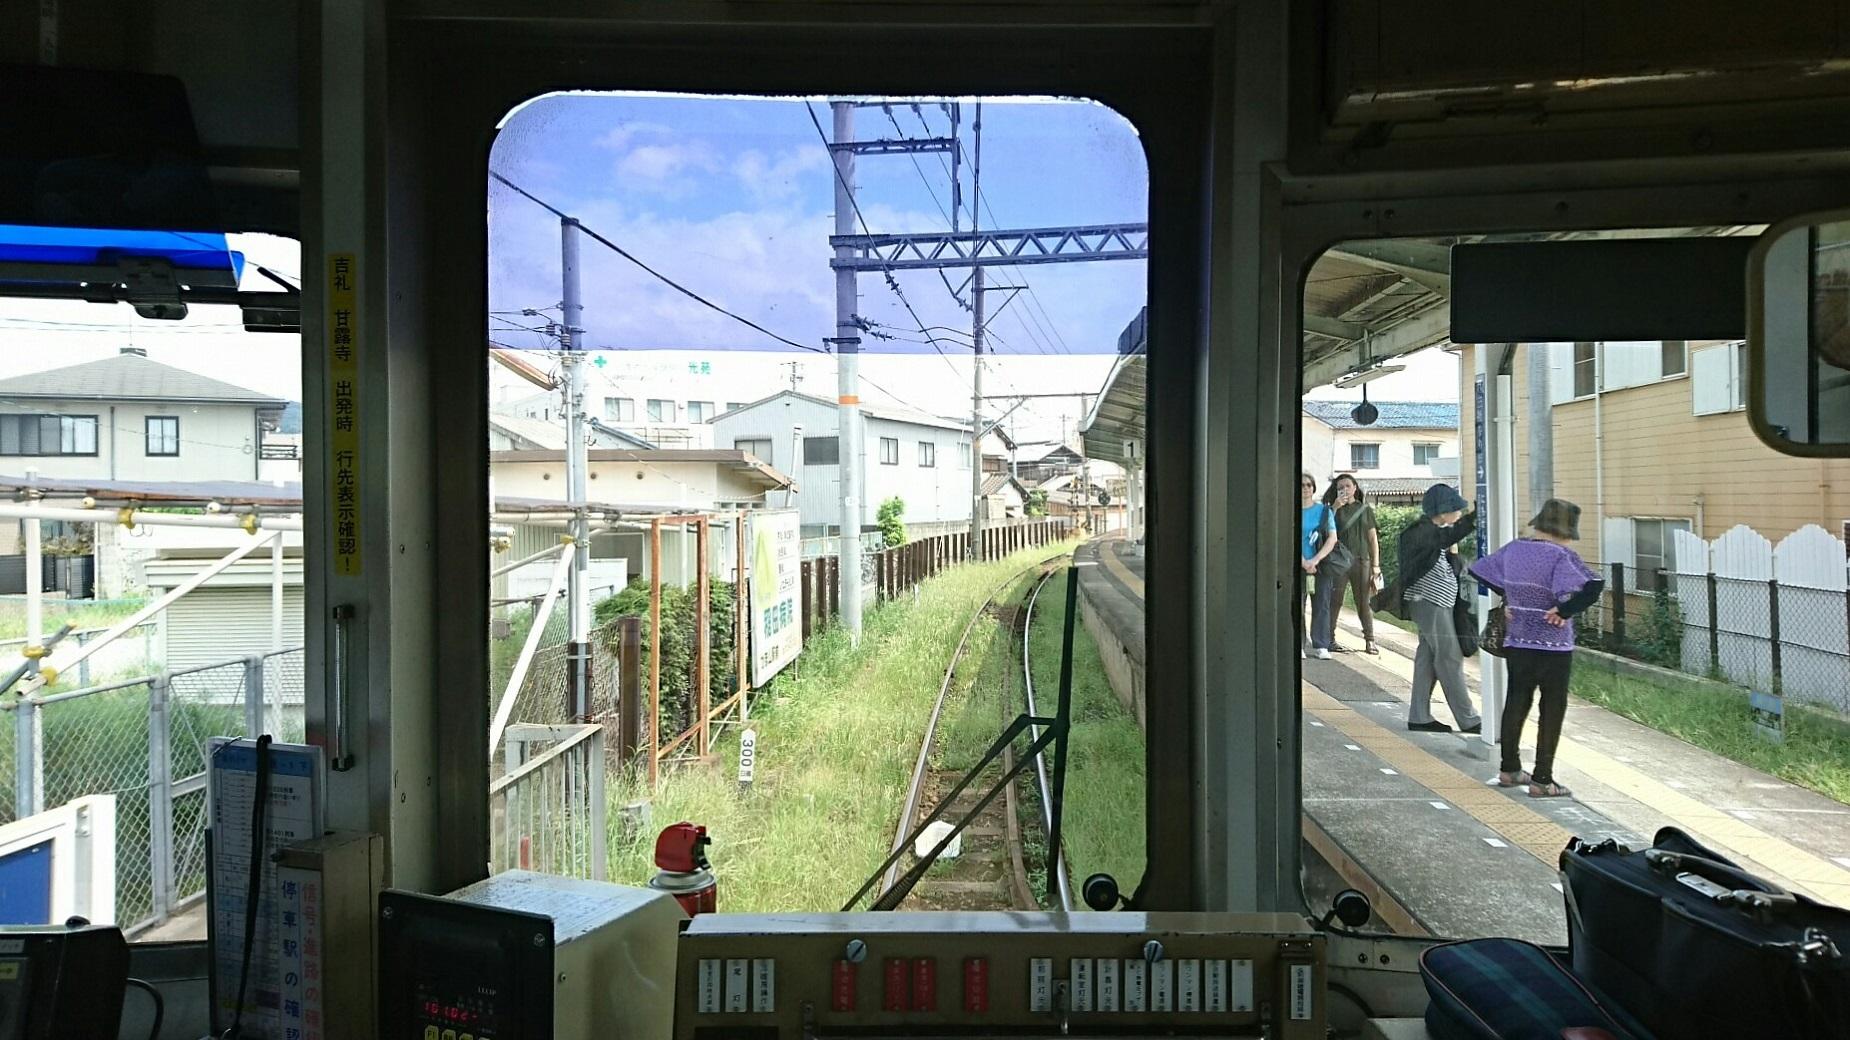 2017.8.17 たま電車 (14) 貴志いきふつう - 日前宮 1850-1040